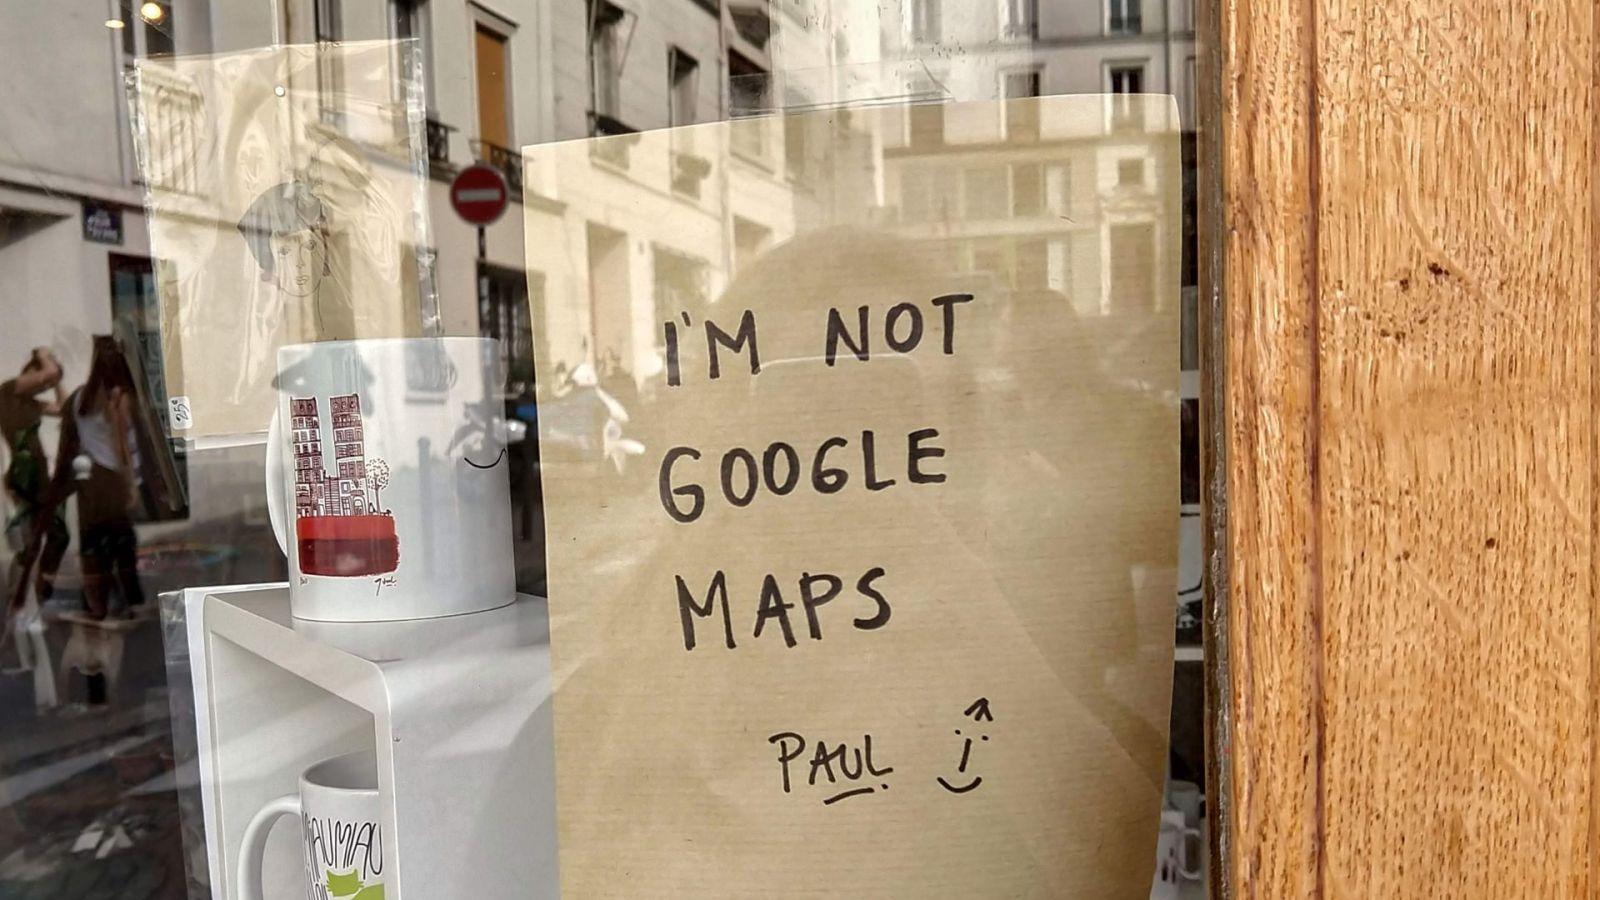 Τα Google Maps γίνονται «social»: Μπορείς να φτιάξεις το προφίλ σου και να ακολουθήσεις άλλους χρήστες